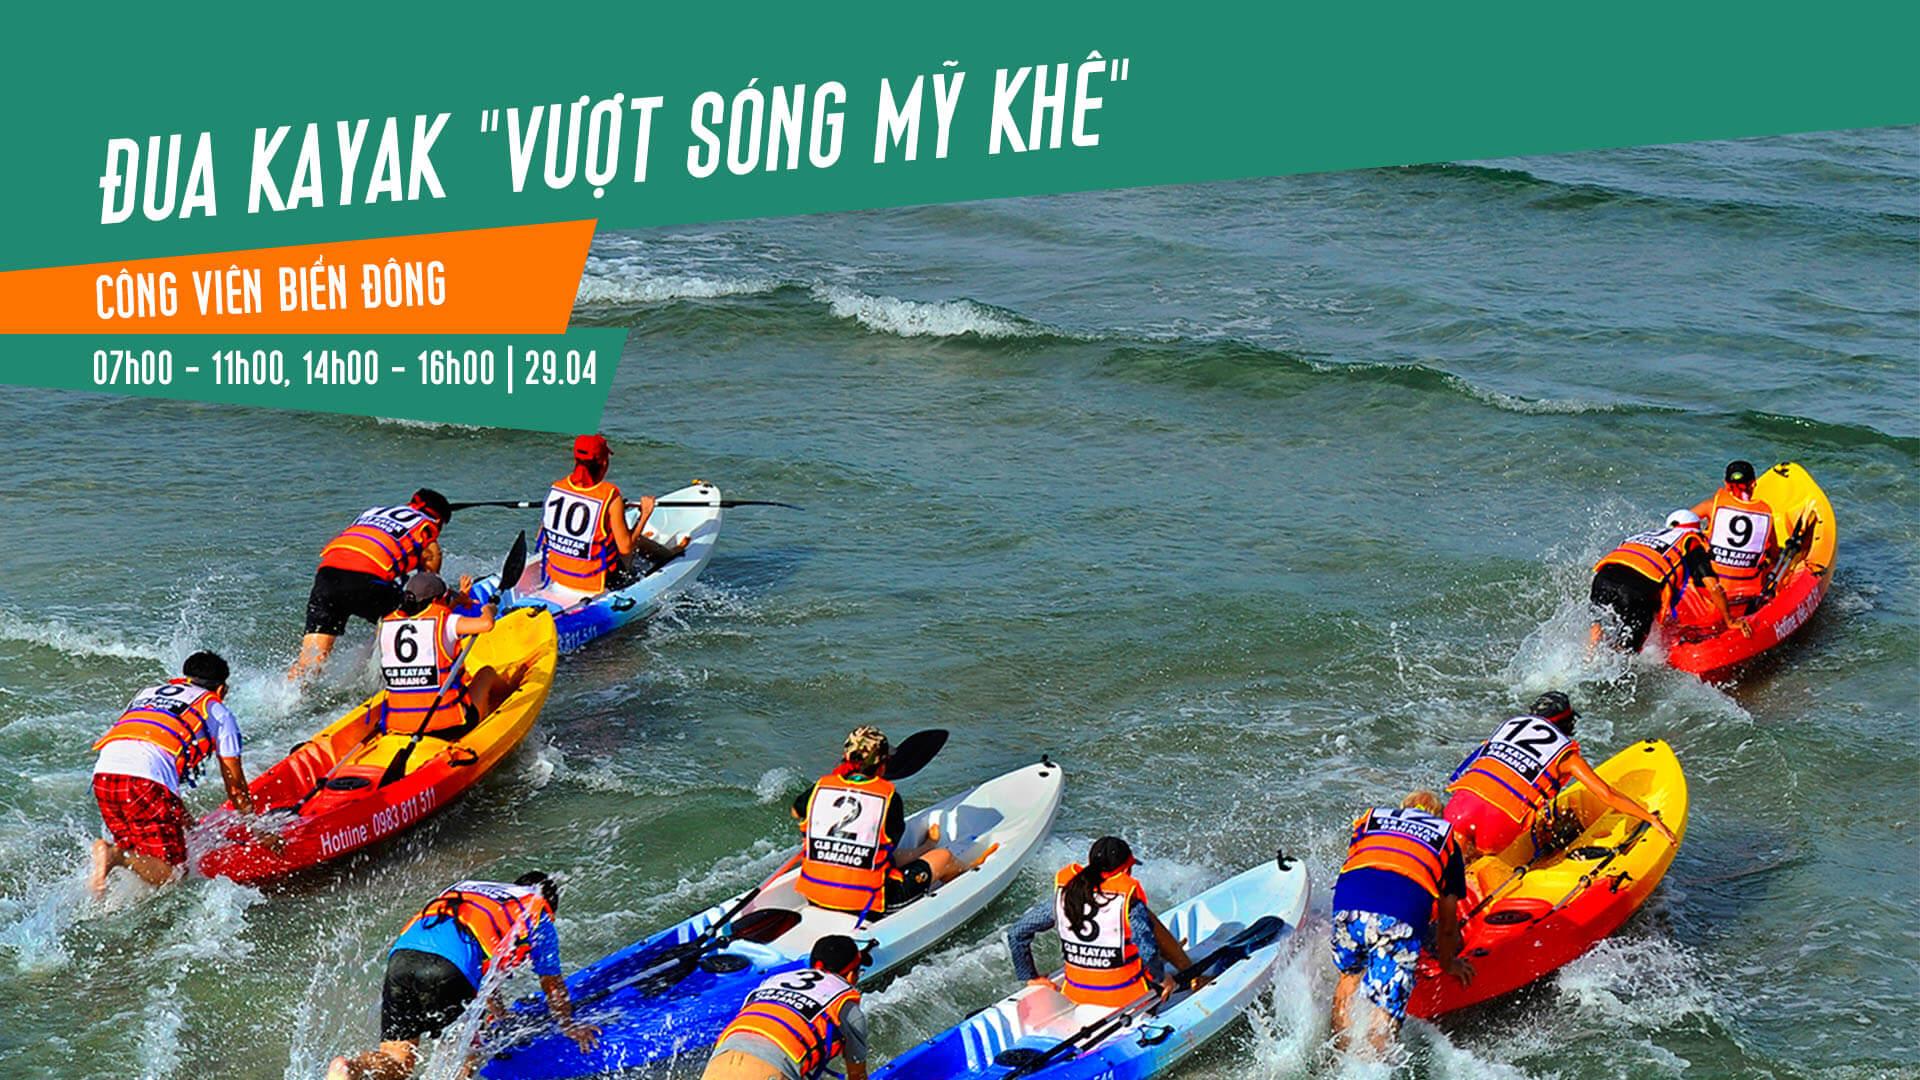 Chi tiết chương trình Khai trương mùa Du lịch biển Đà Nẵng 2018 10